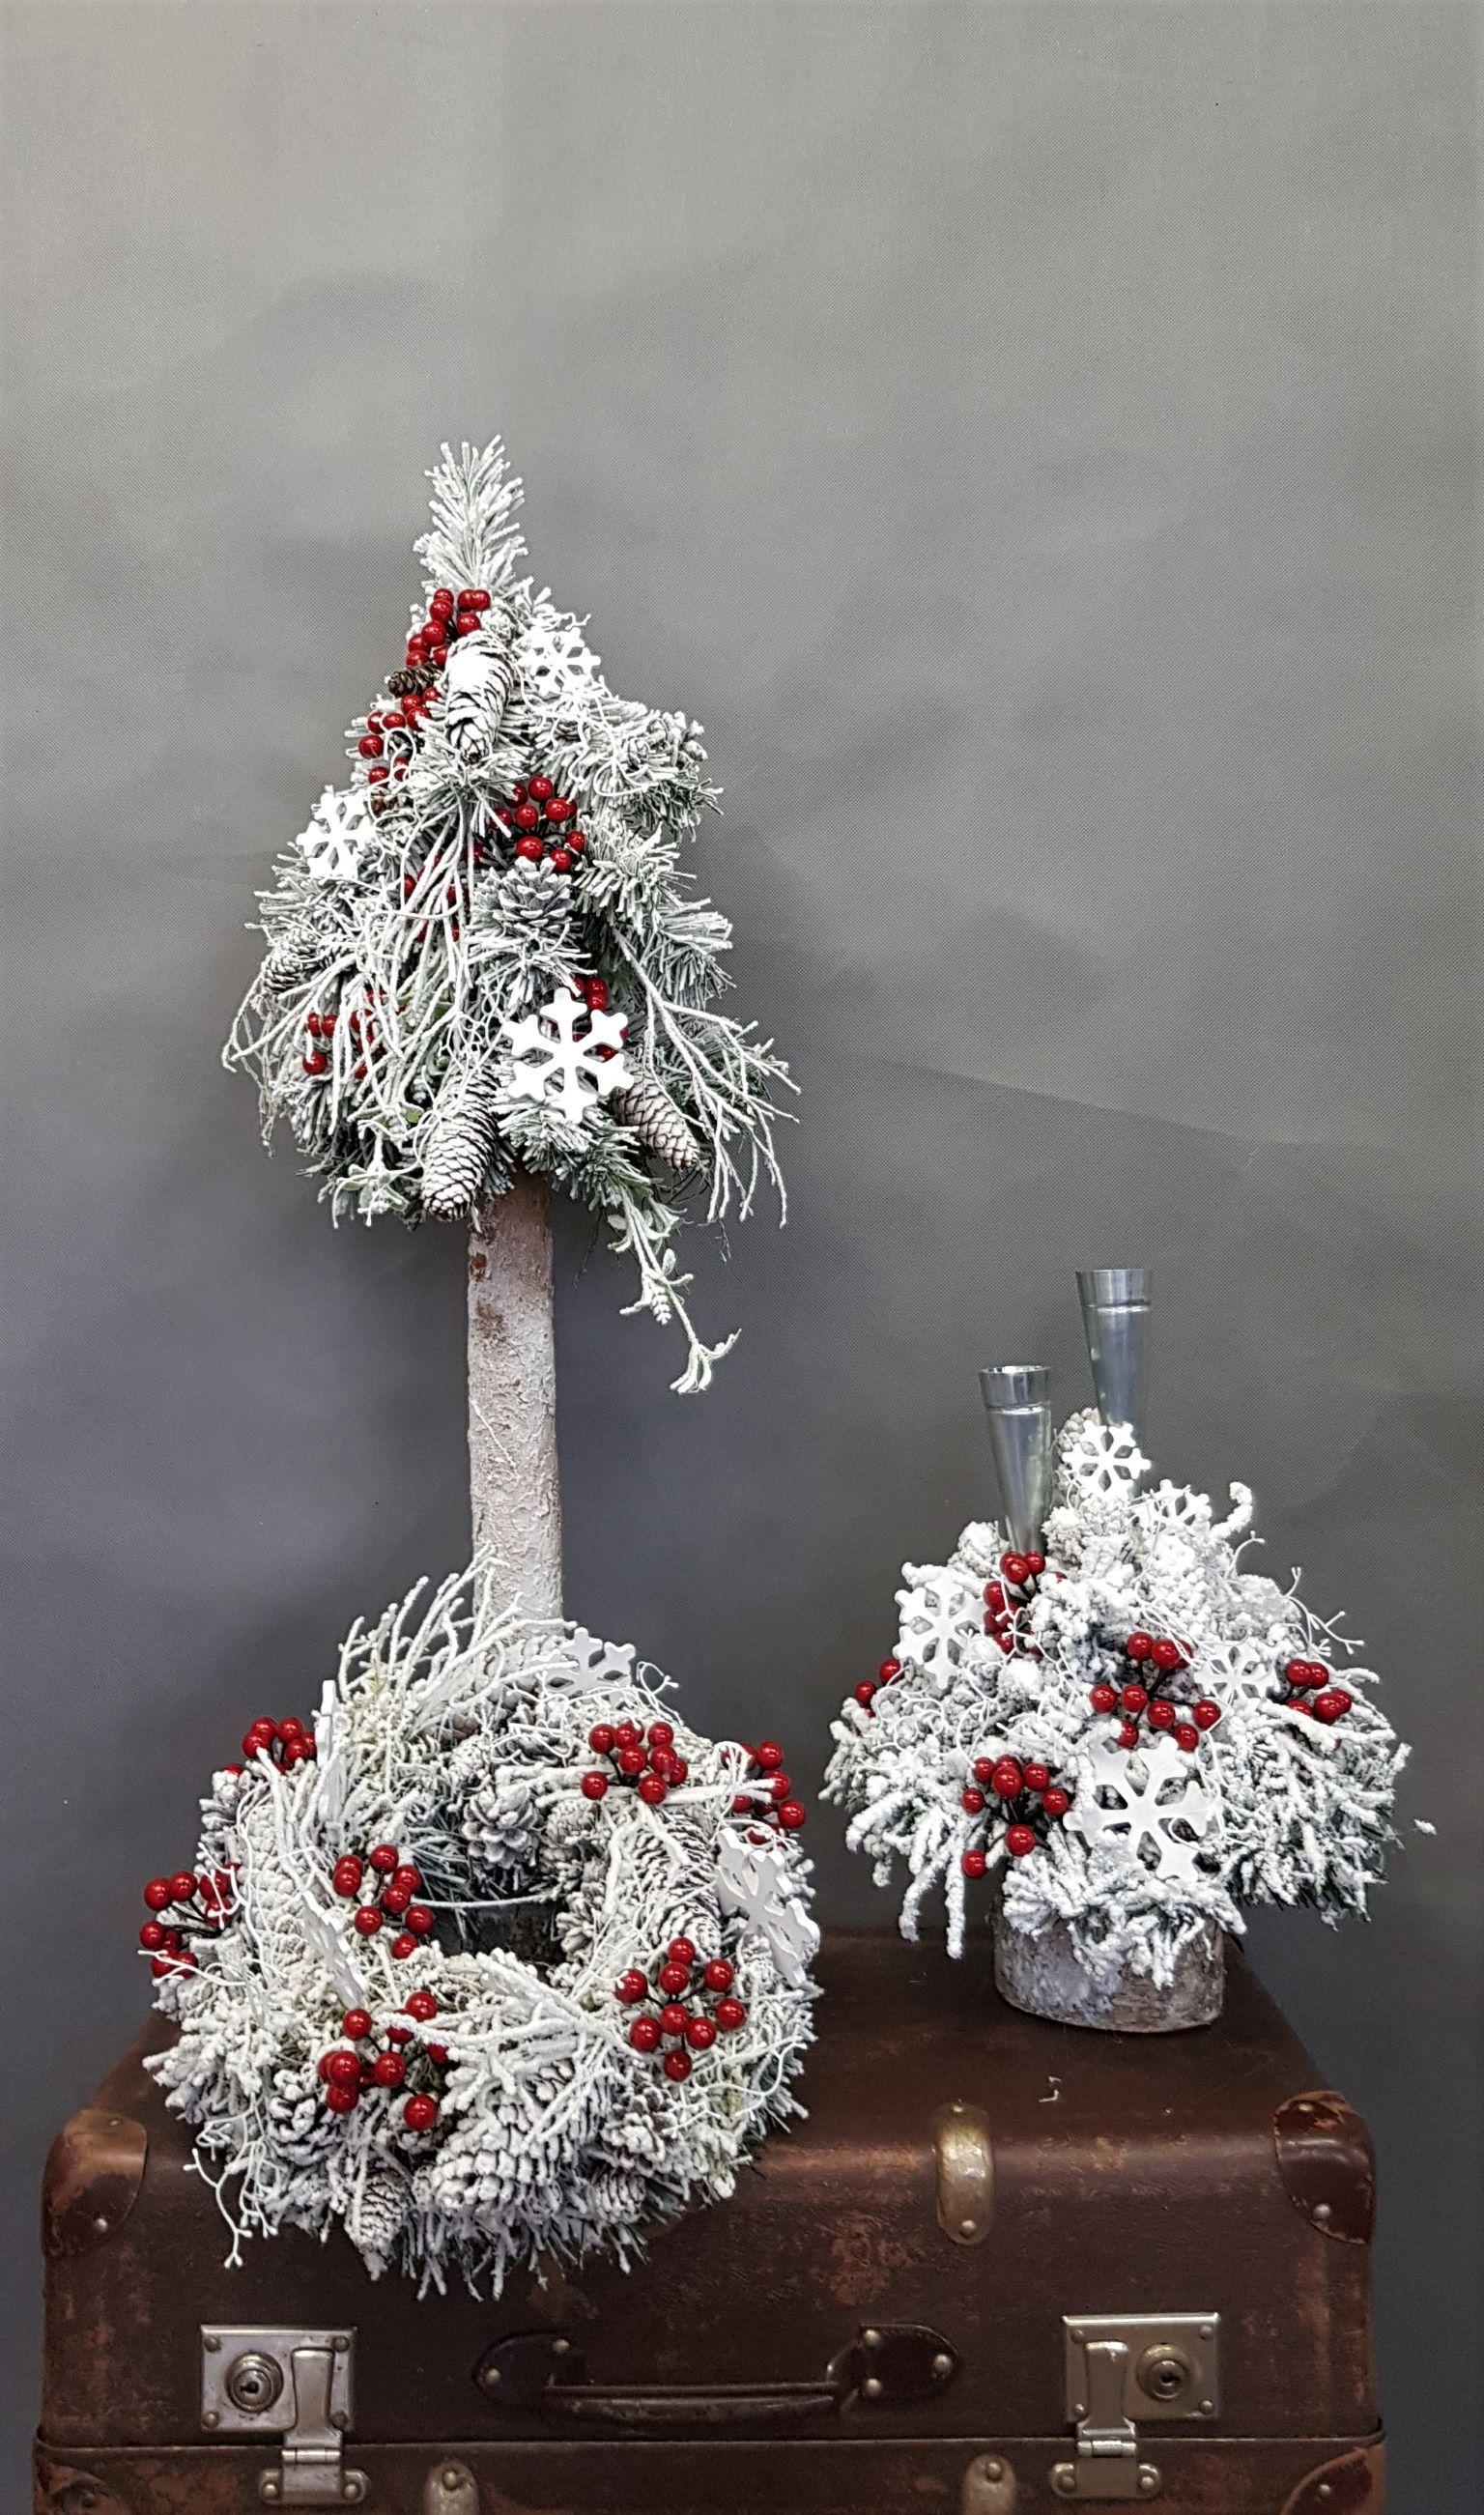 Biale Dekoracje Bozonarodzeniowe Stroik Swiateczny Wianek Bozonarodzeniowy Biala Choinka Na Pniu Christmas Wreaths Holiday Decor Decor